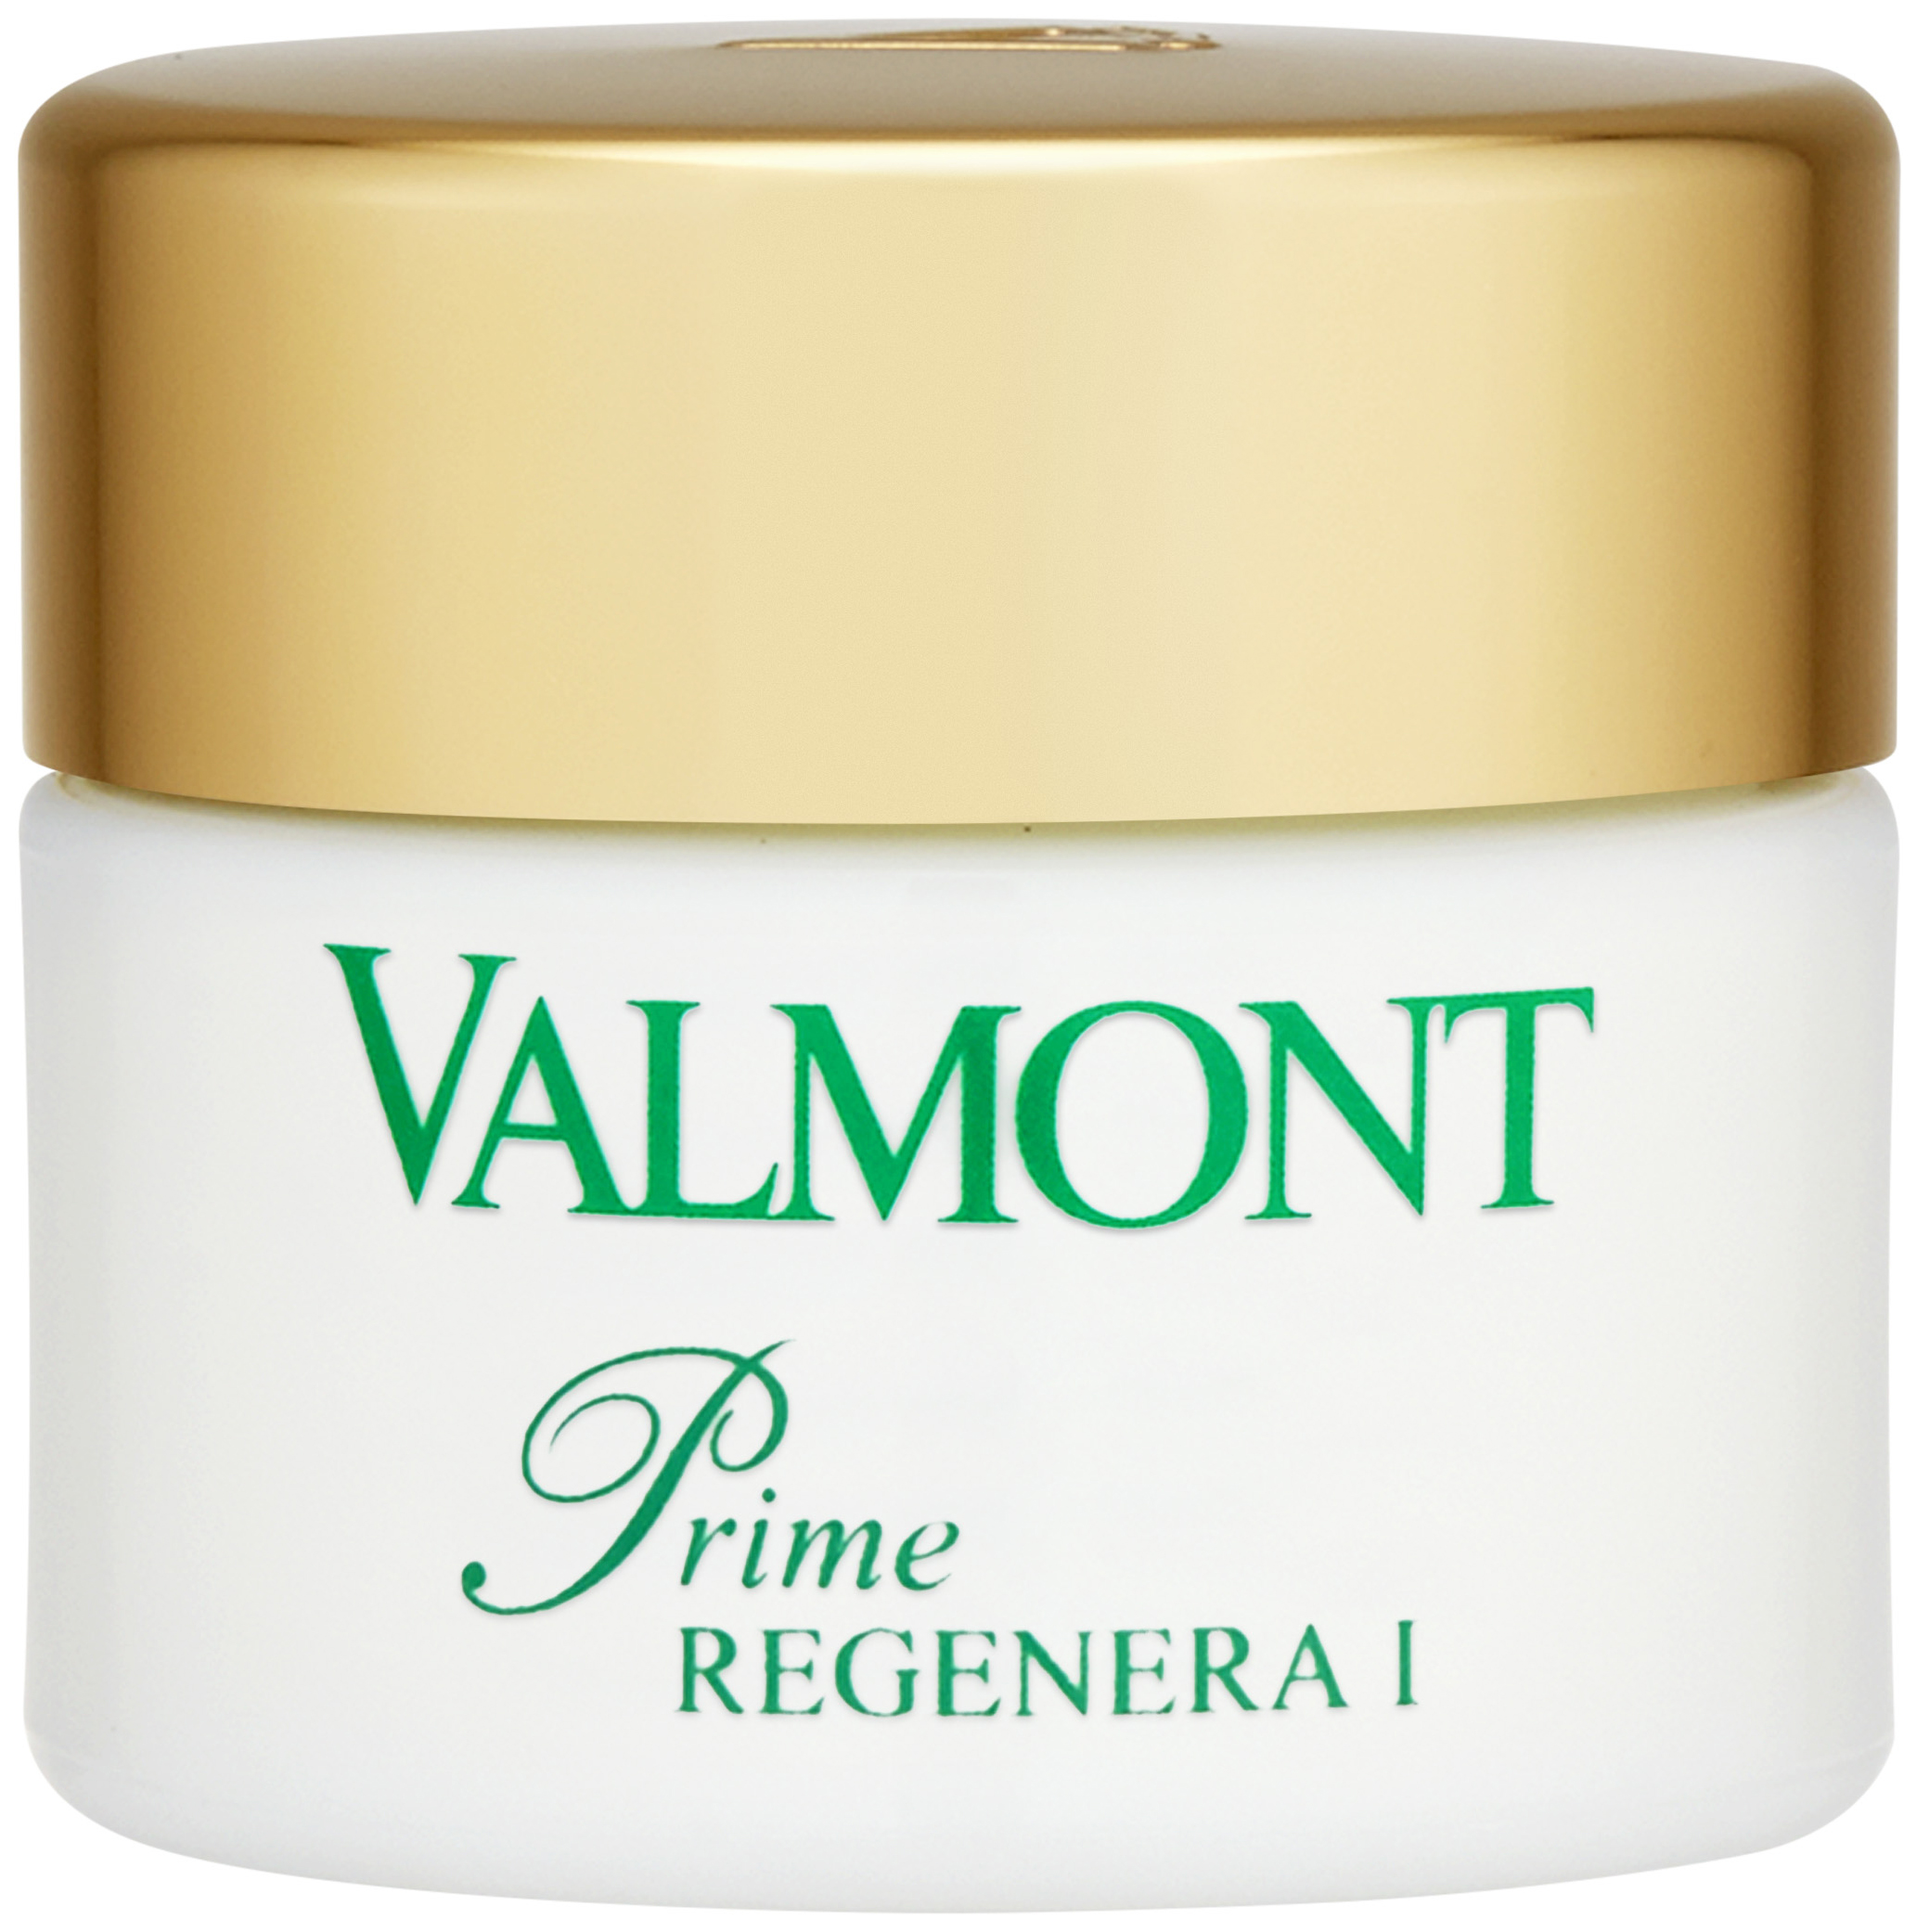 Купить Крем для лица Valmont Prime Regenera I 50 мл